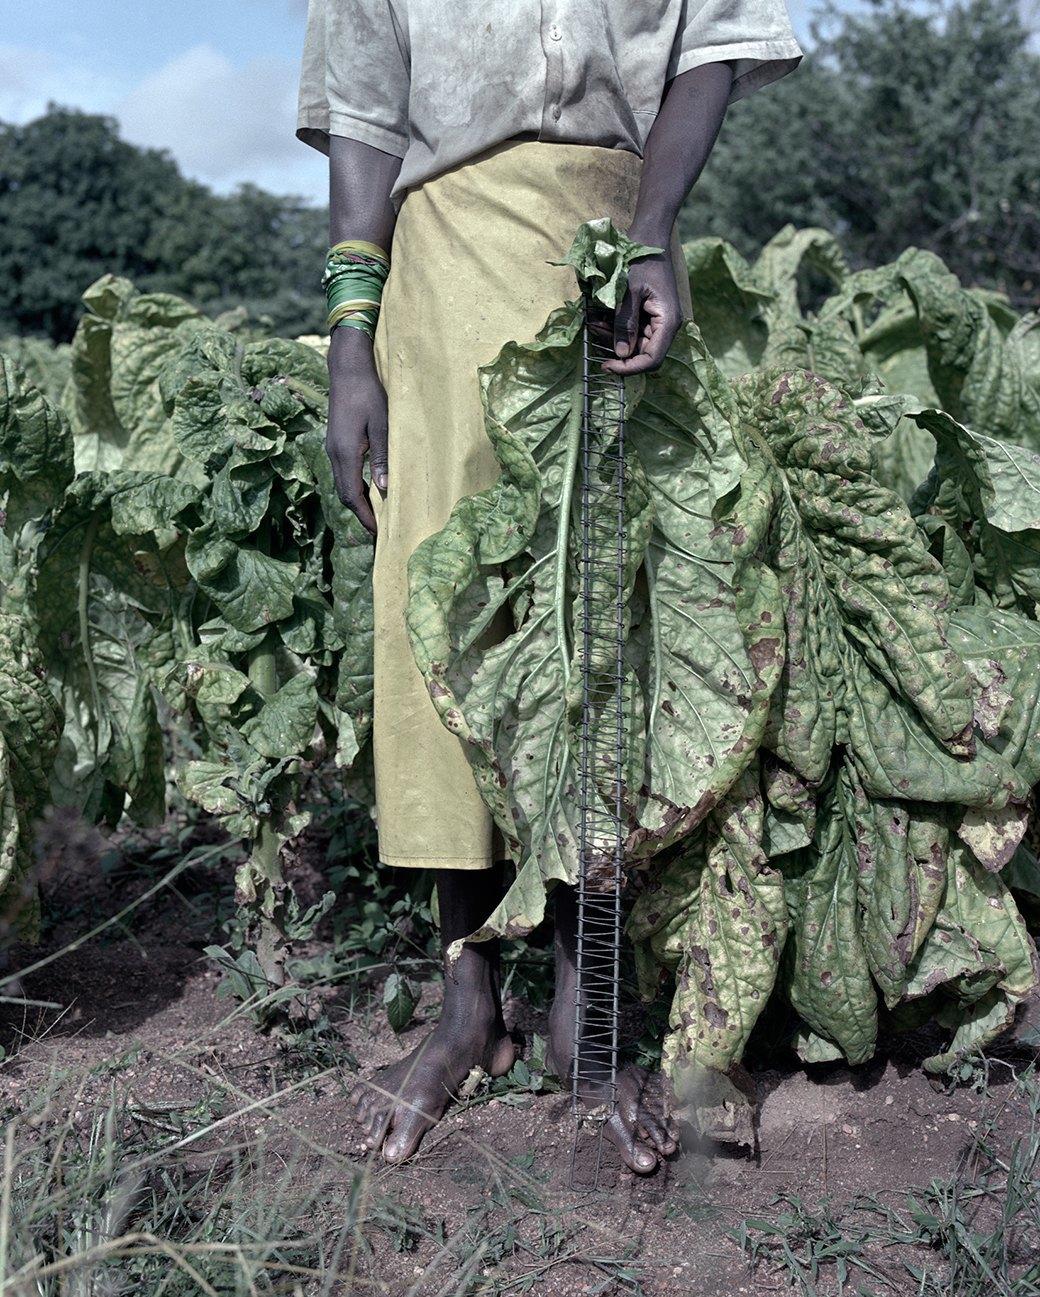 «Местность»: Обезличенный труд африканских крестьян. Изображение № 15.